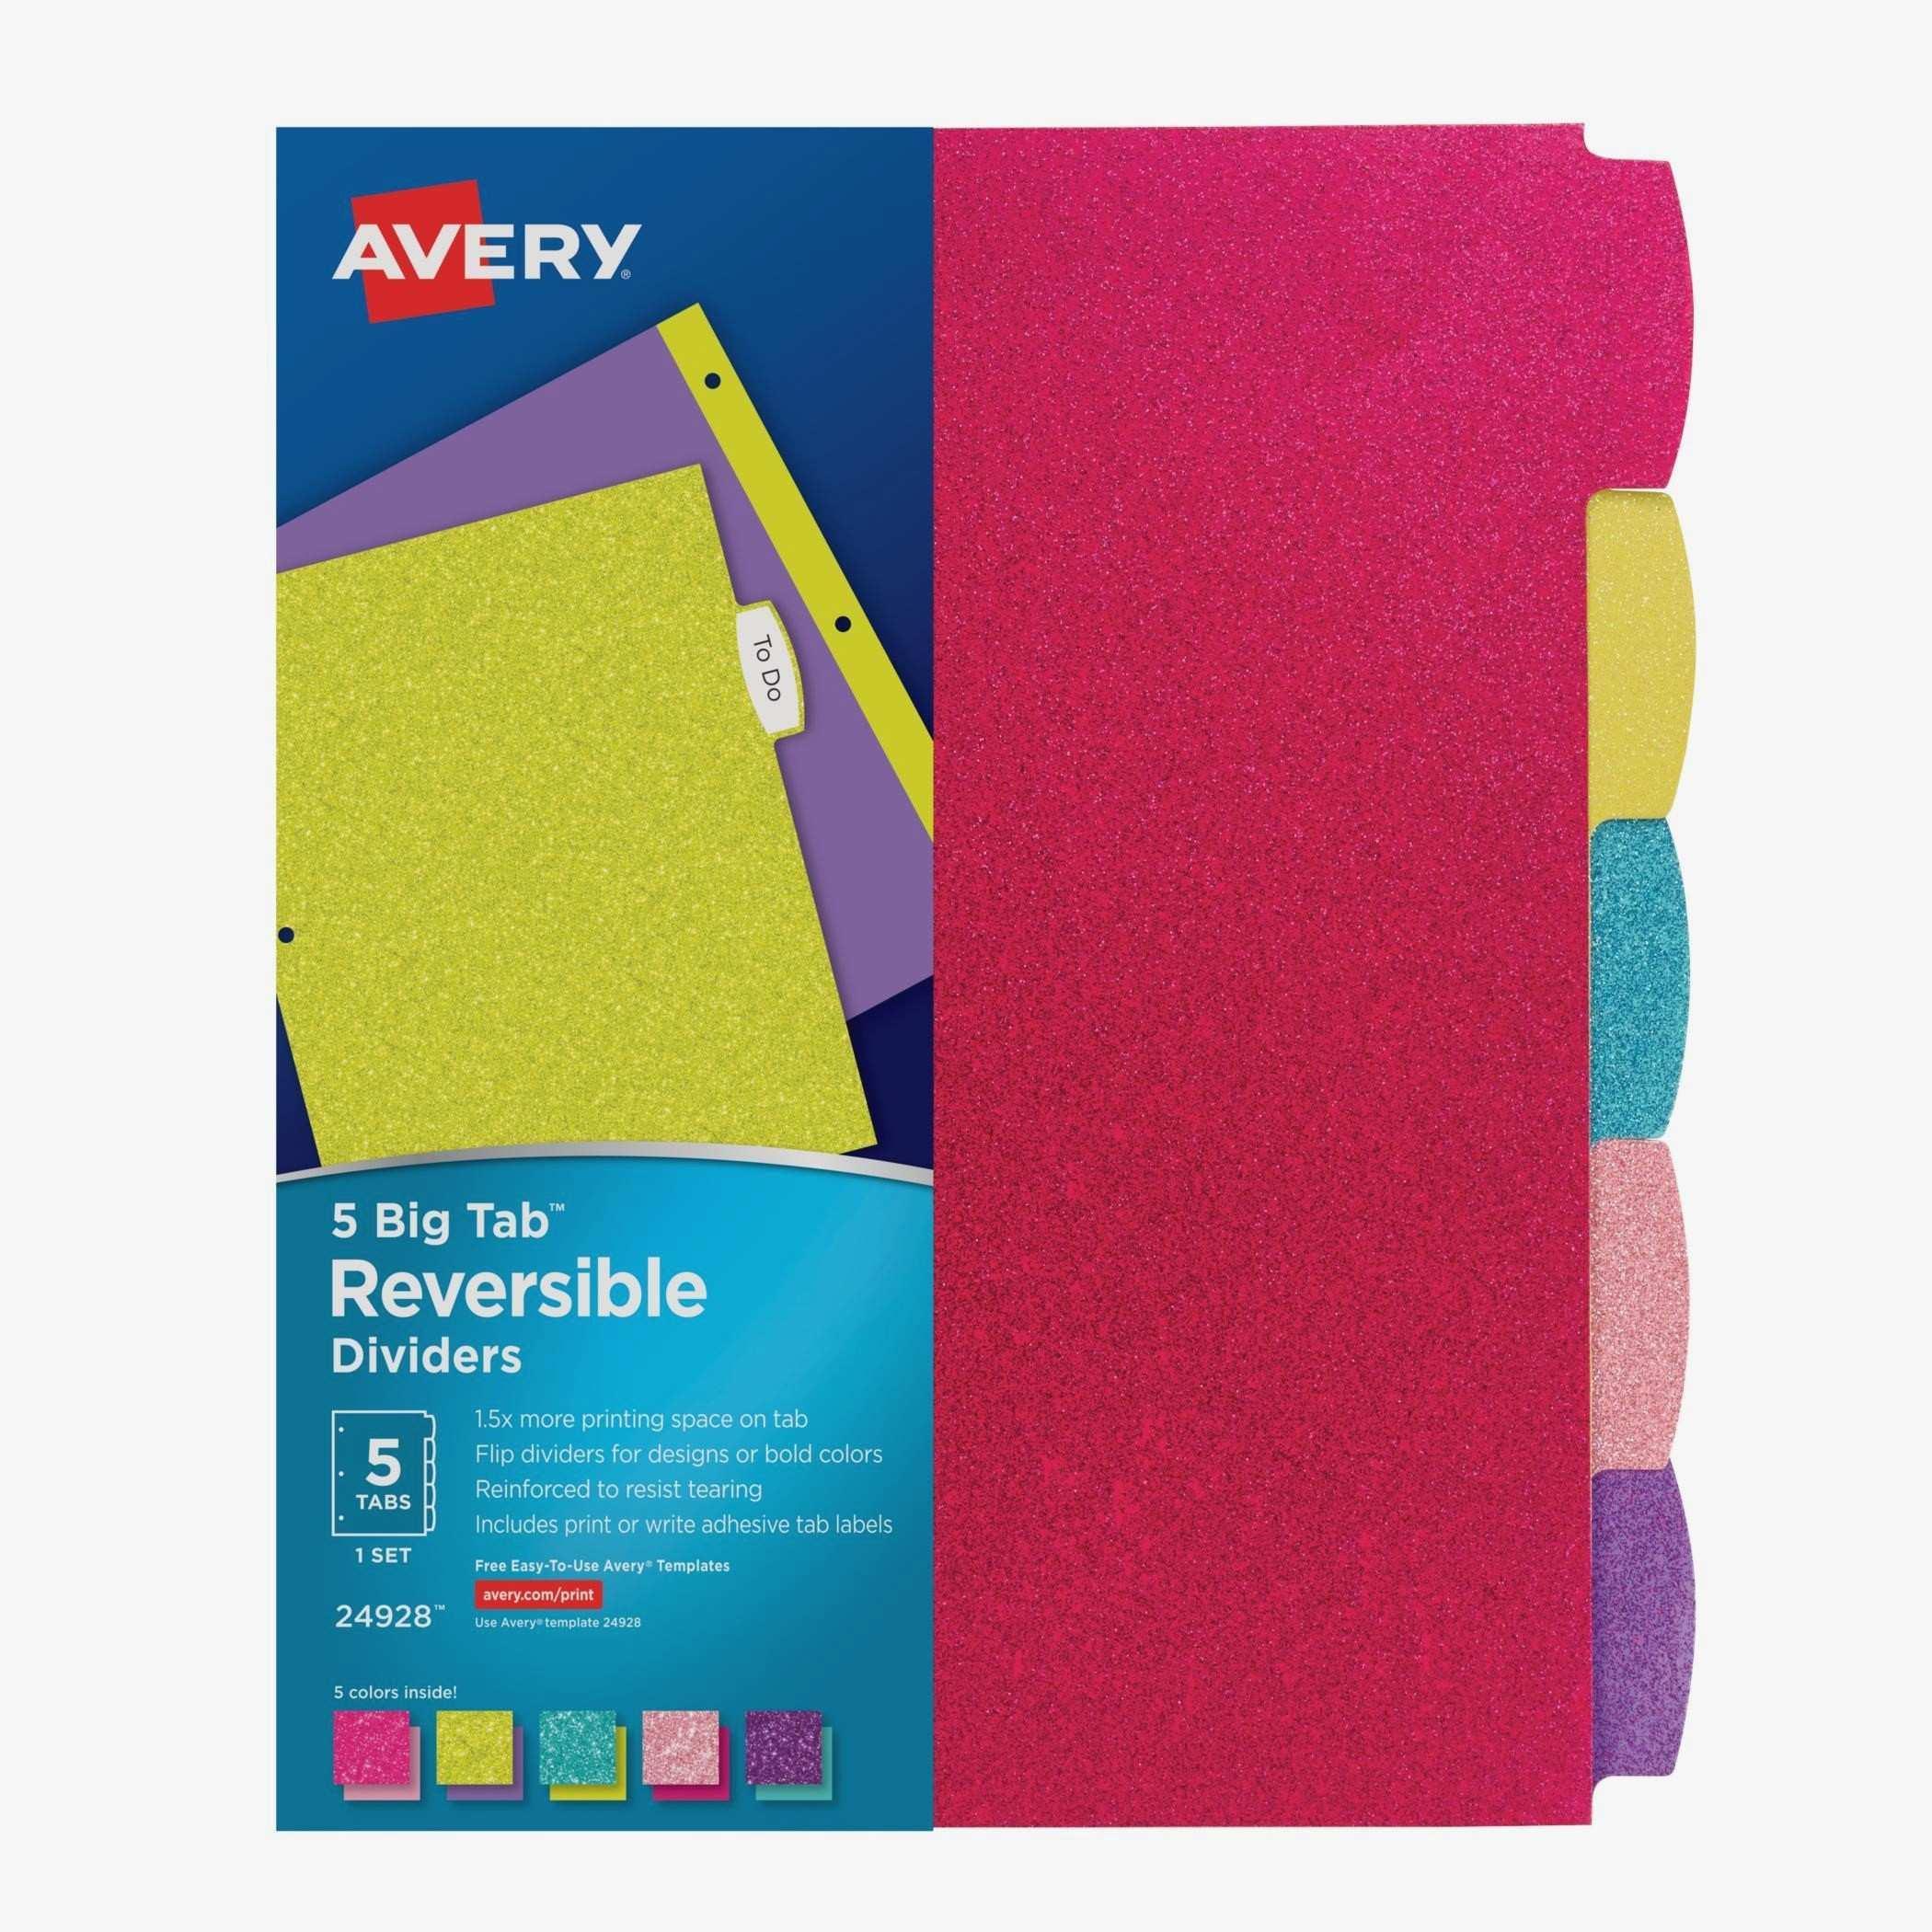 Avery Tab Templates 11901